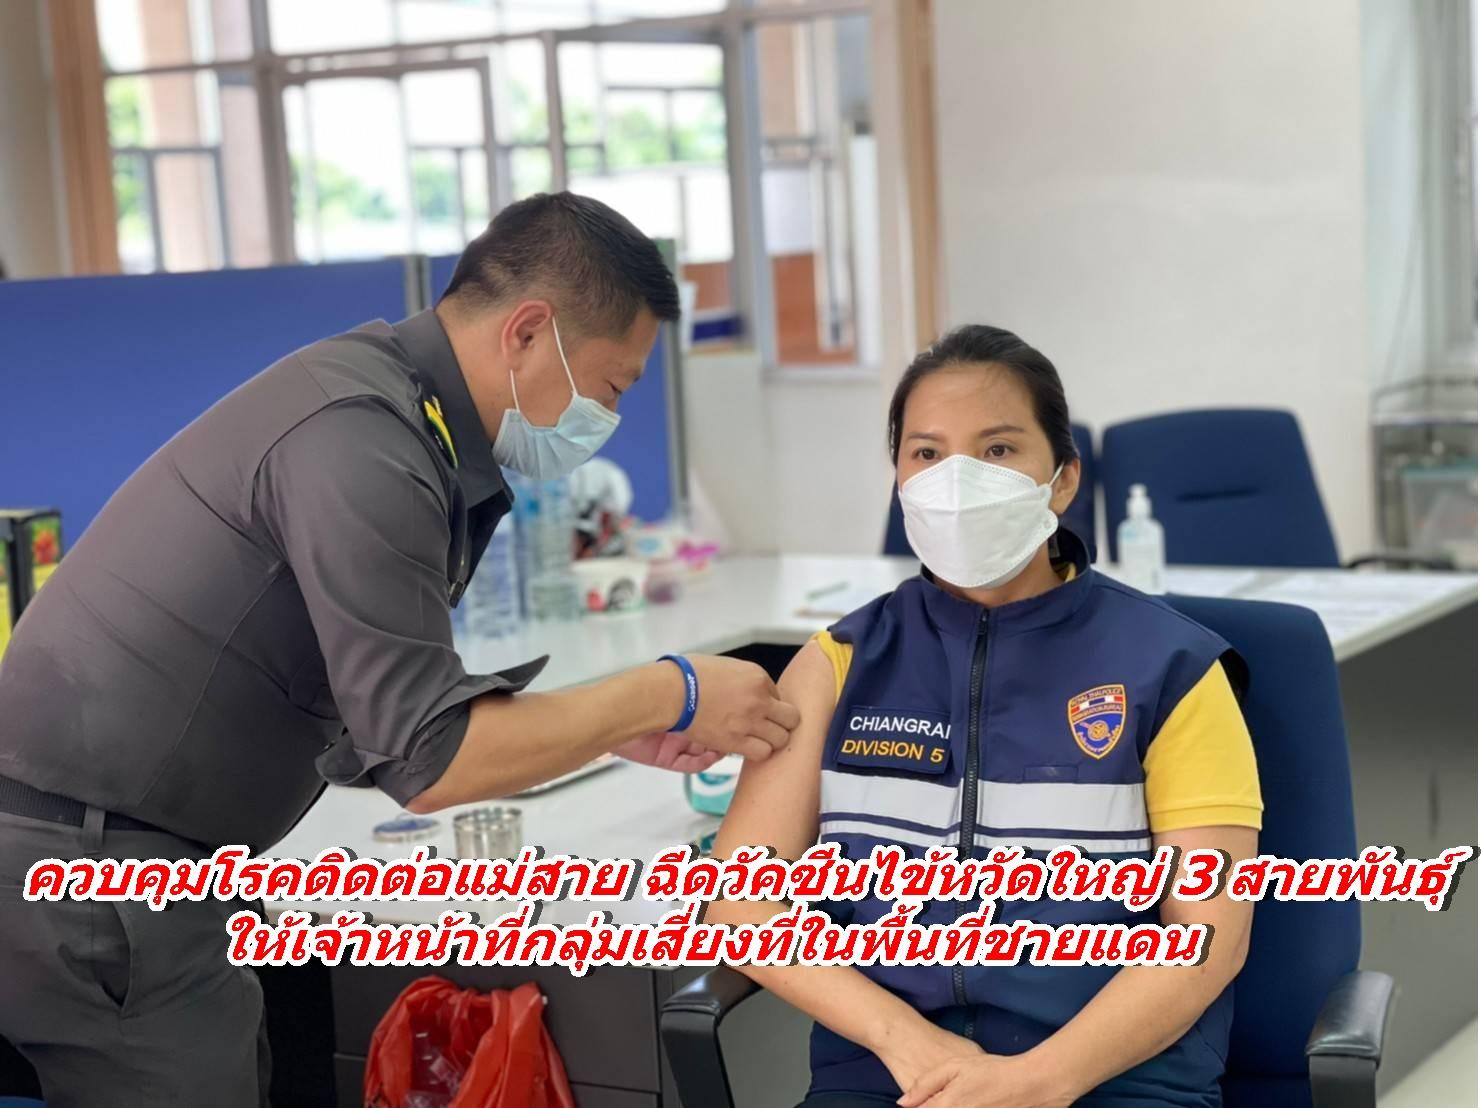 (คลิป) ควบคุมโรคติดต่อแม่สาย ฉีดวัคซีนไข้หวัดใหญ่ 3 สายพันธุ์ ให้เจ้าหน้าที่กลุ่มเสี่ยงที่ในพื้นที่ชายแดน